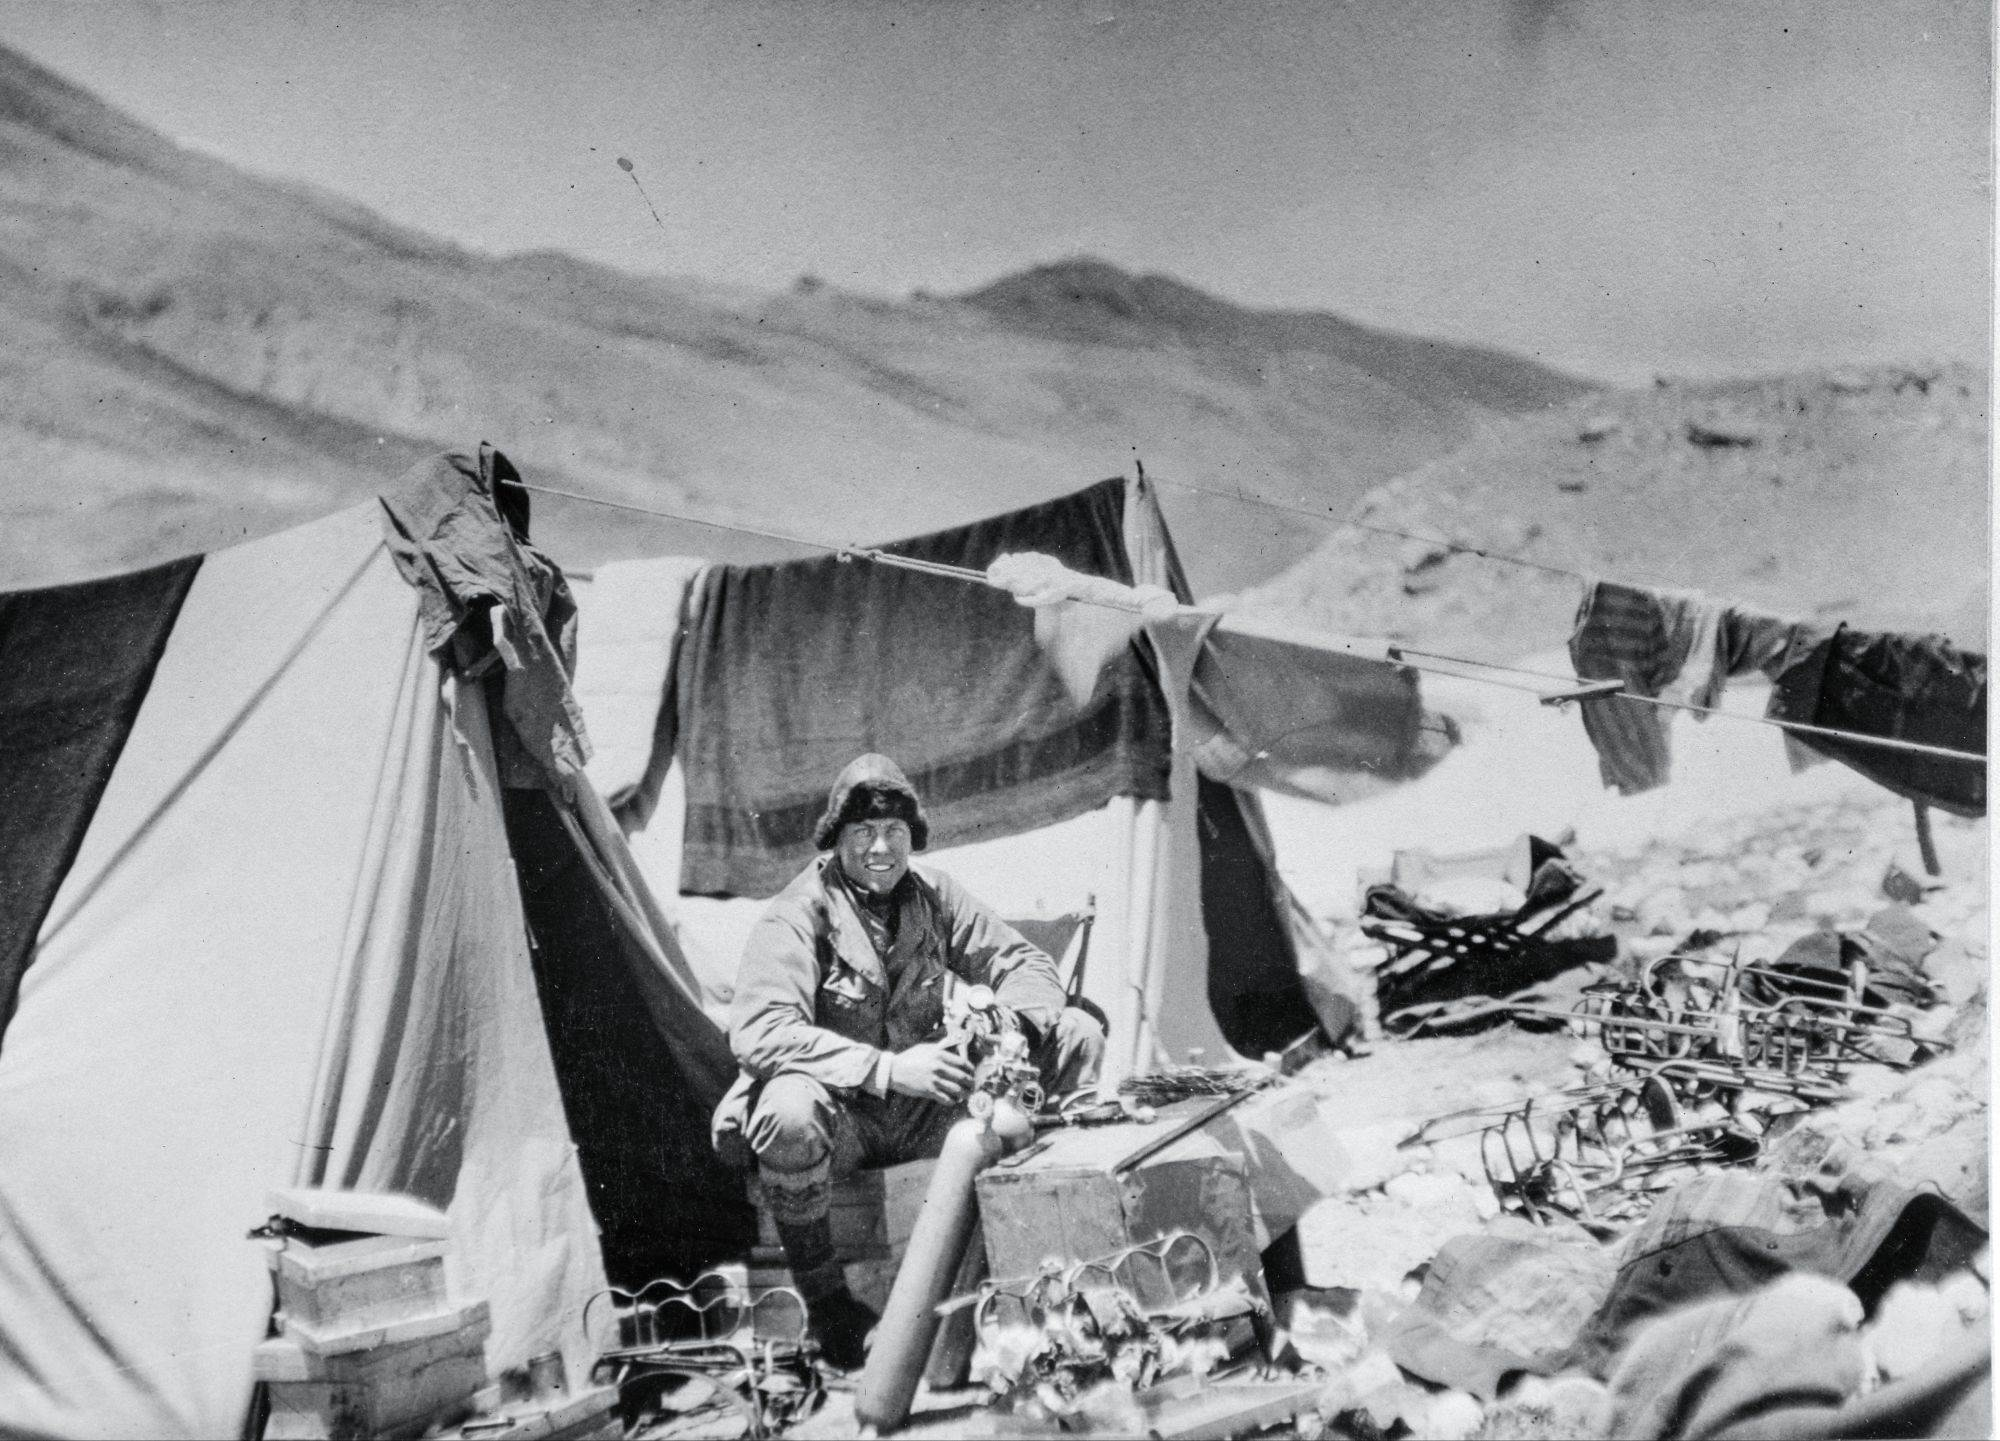 Sendi Irvin: Sve vreme tokom boravka na planini Irvin je radio na opremi za kiseonik, uspevši da je preudesi da bude lakša i manje podložna curenju i kvarovima.